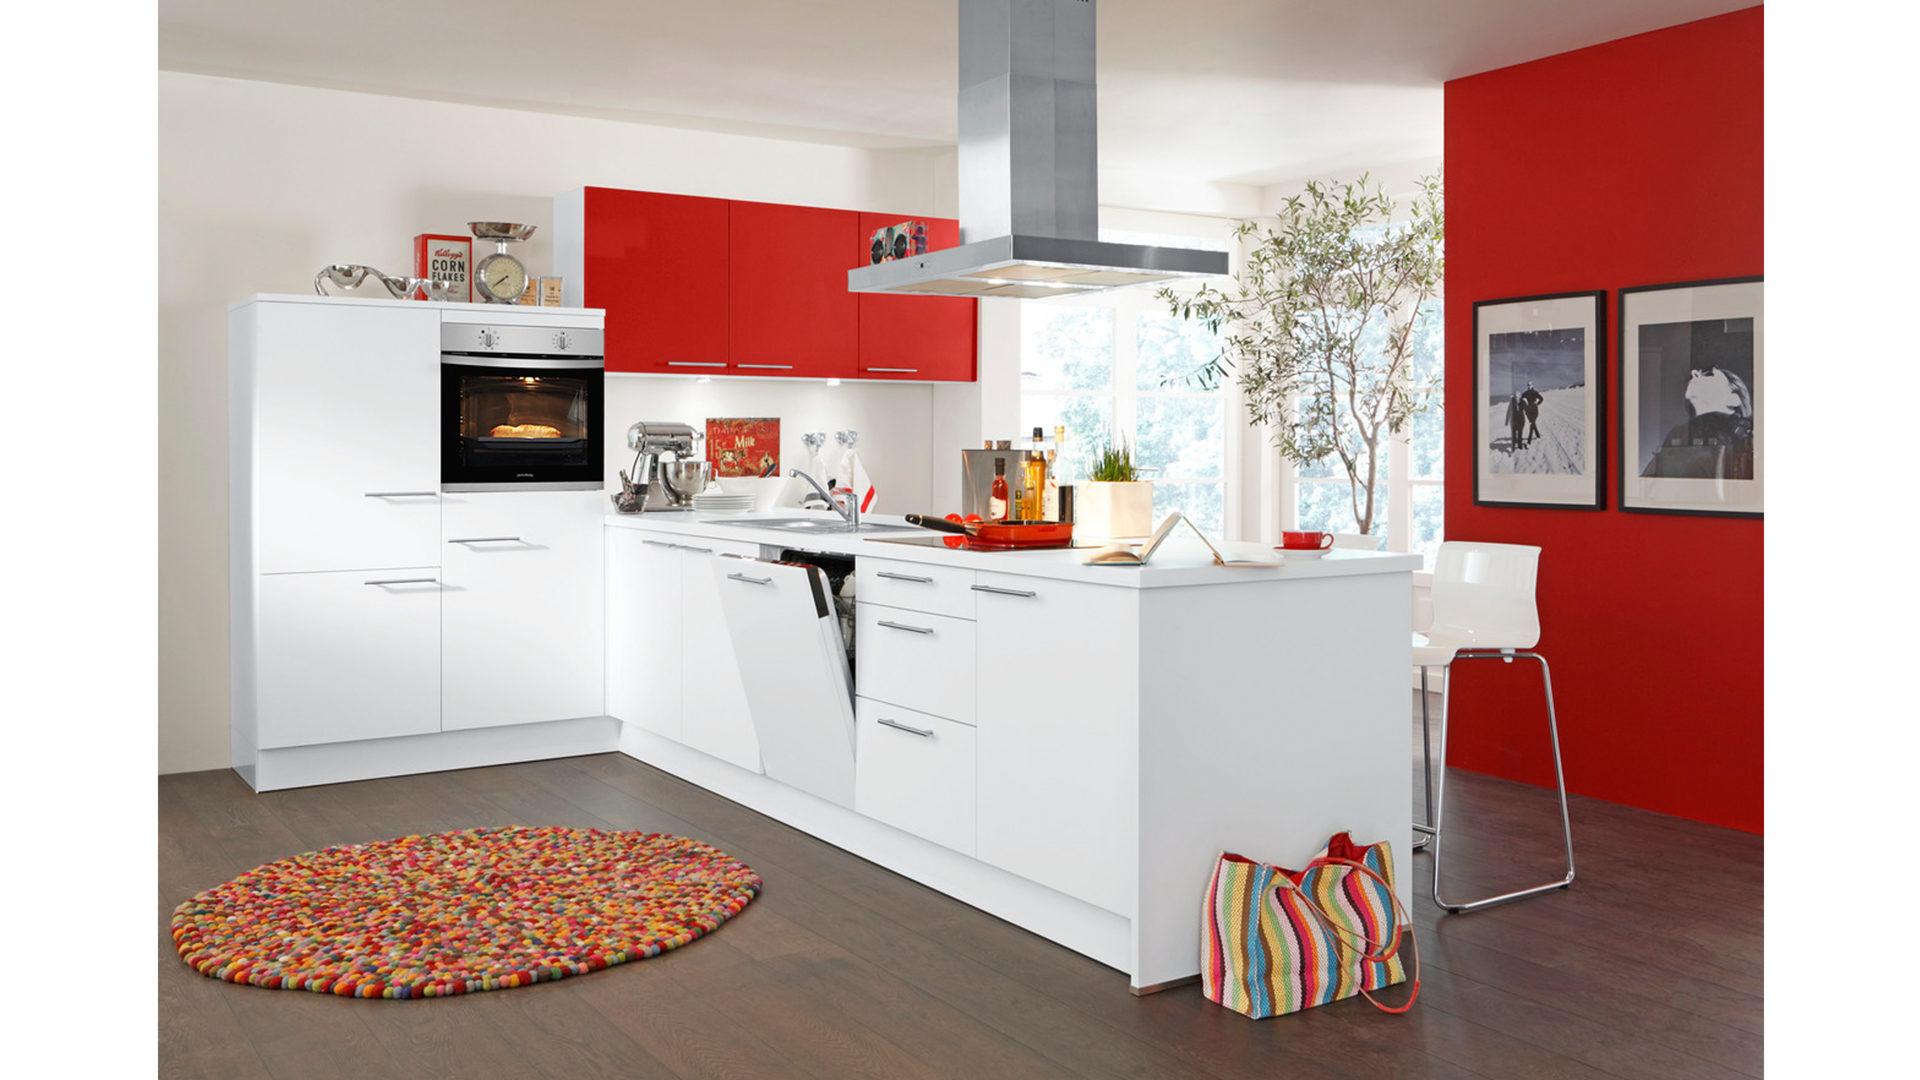 Red Bull Kühlschrank Bedienungsanleitung : Kühlschrank rot: magnetfolie din a4 zum beschriften und zuschneiden